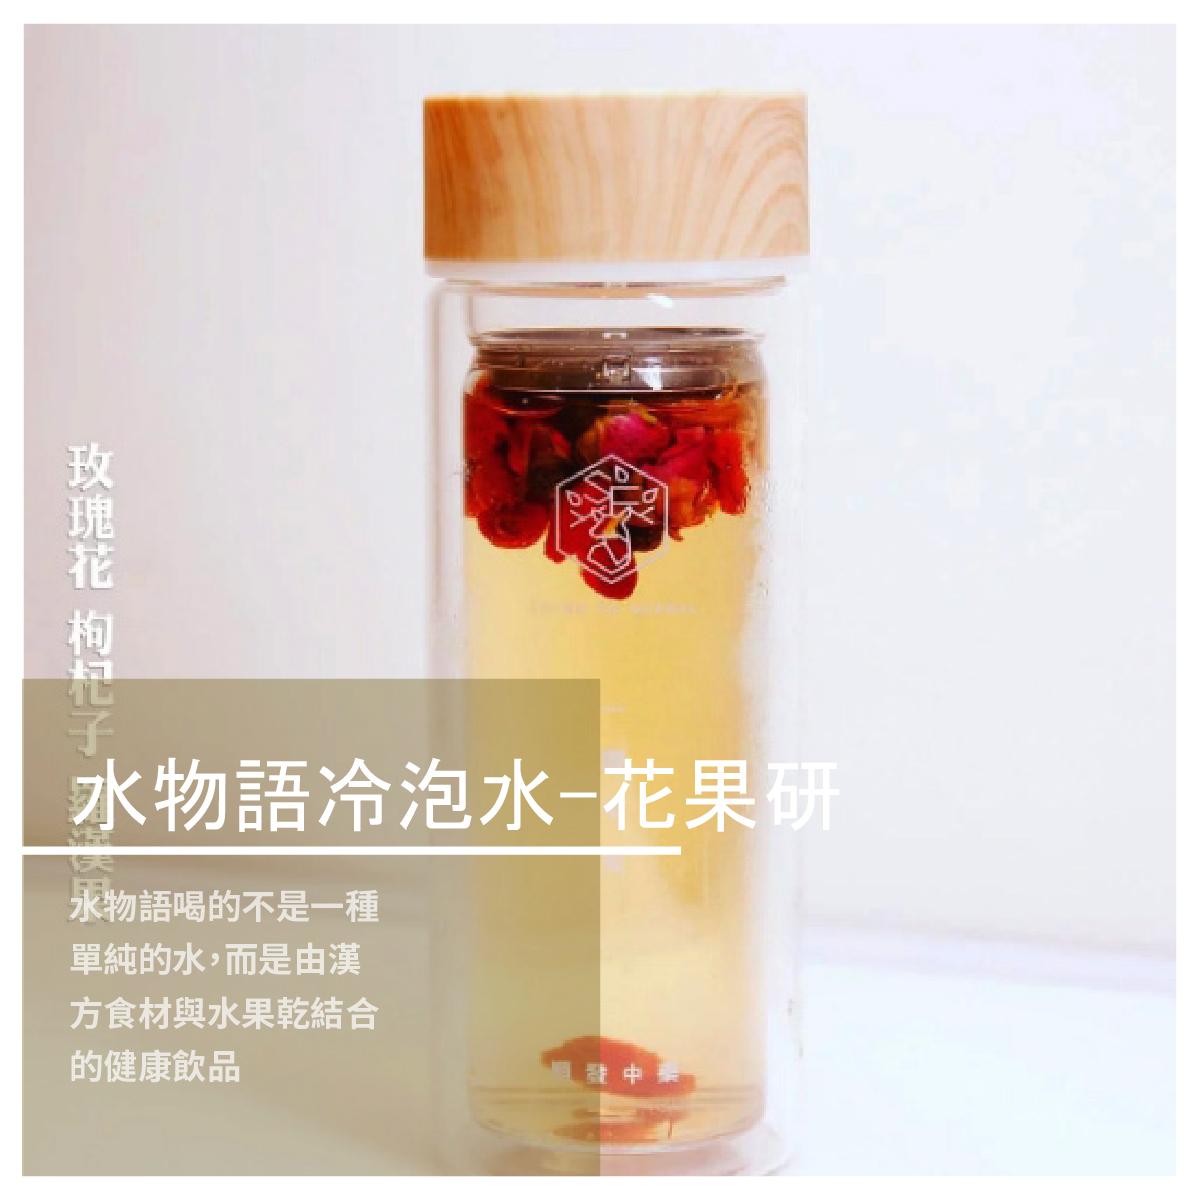 【順發中藥房】水物語冷泡水-花果研 / 10入